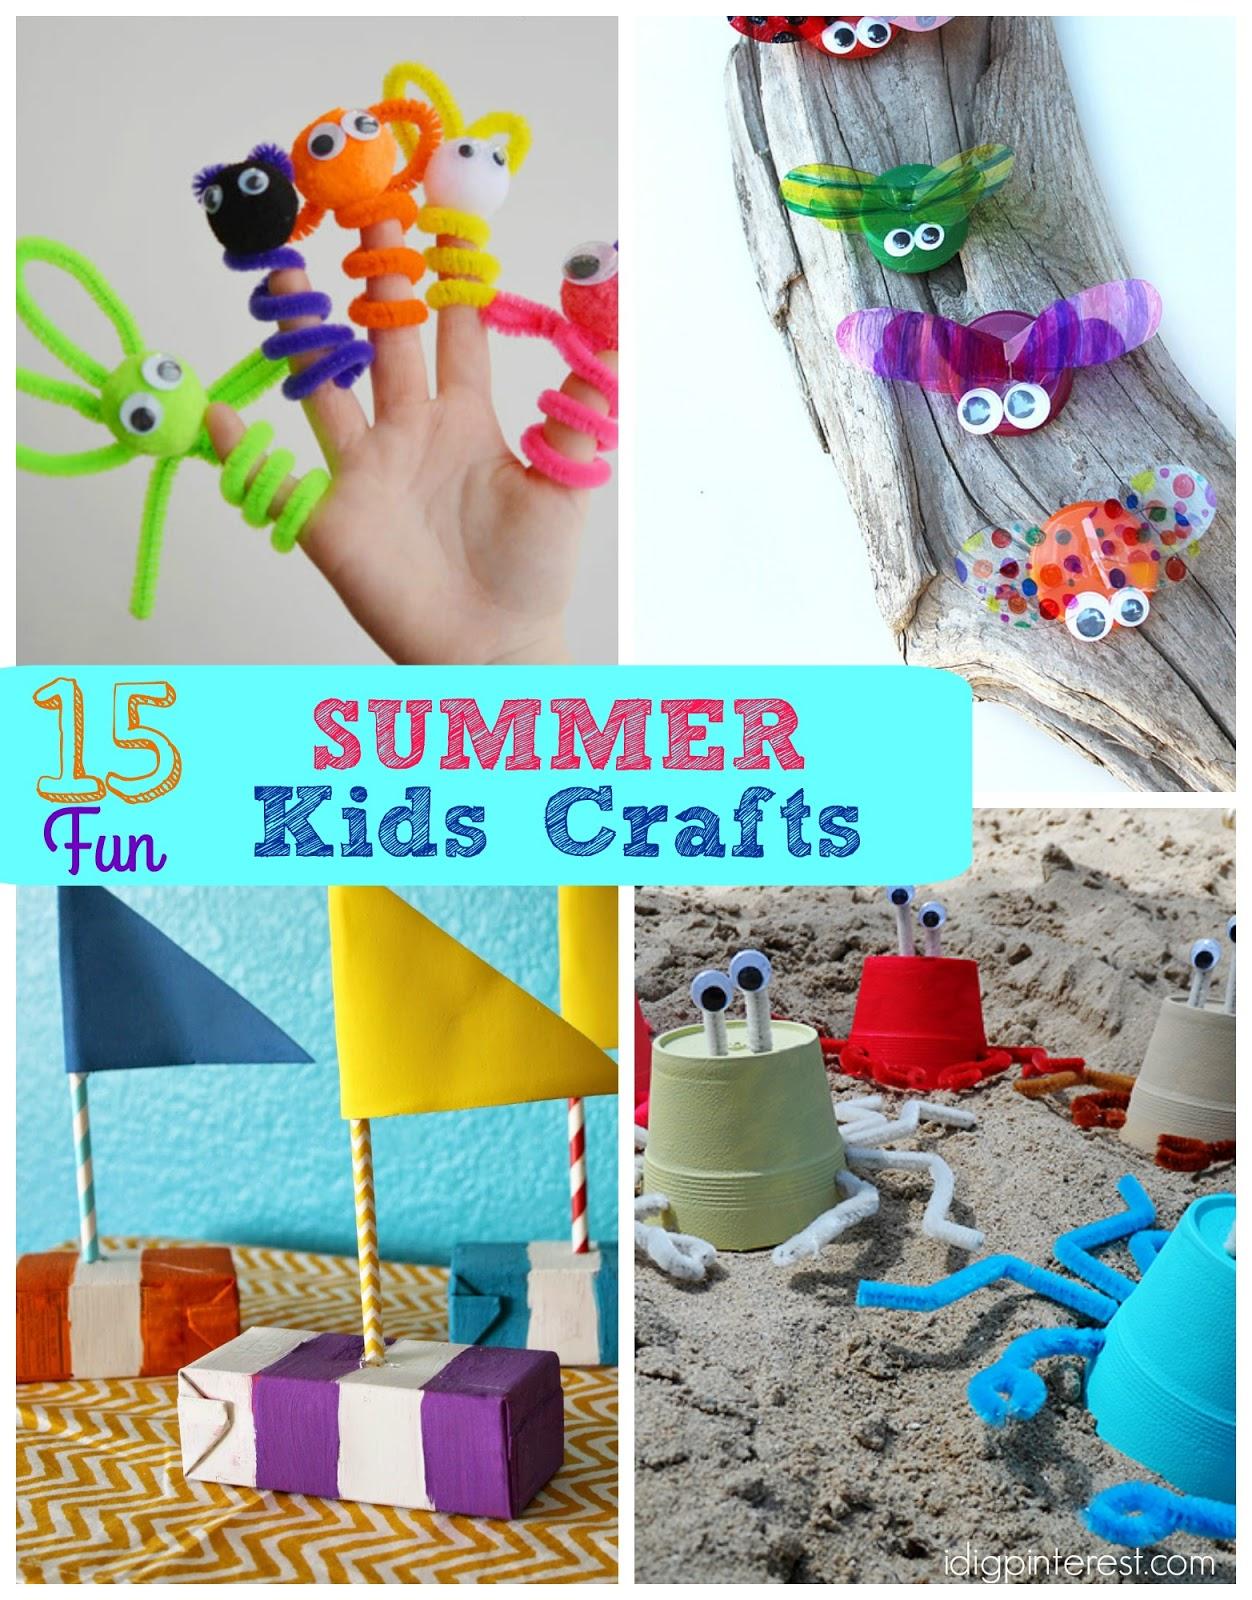 15 Fun Summer Kids Crafts